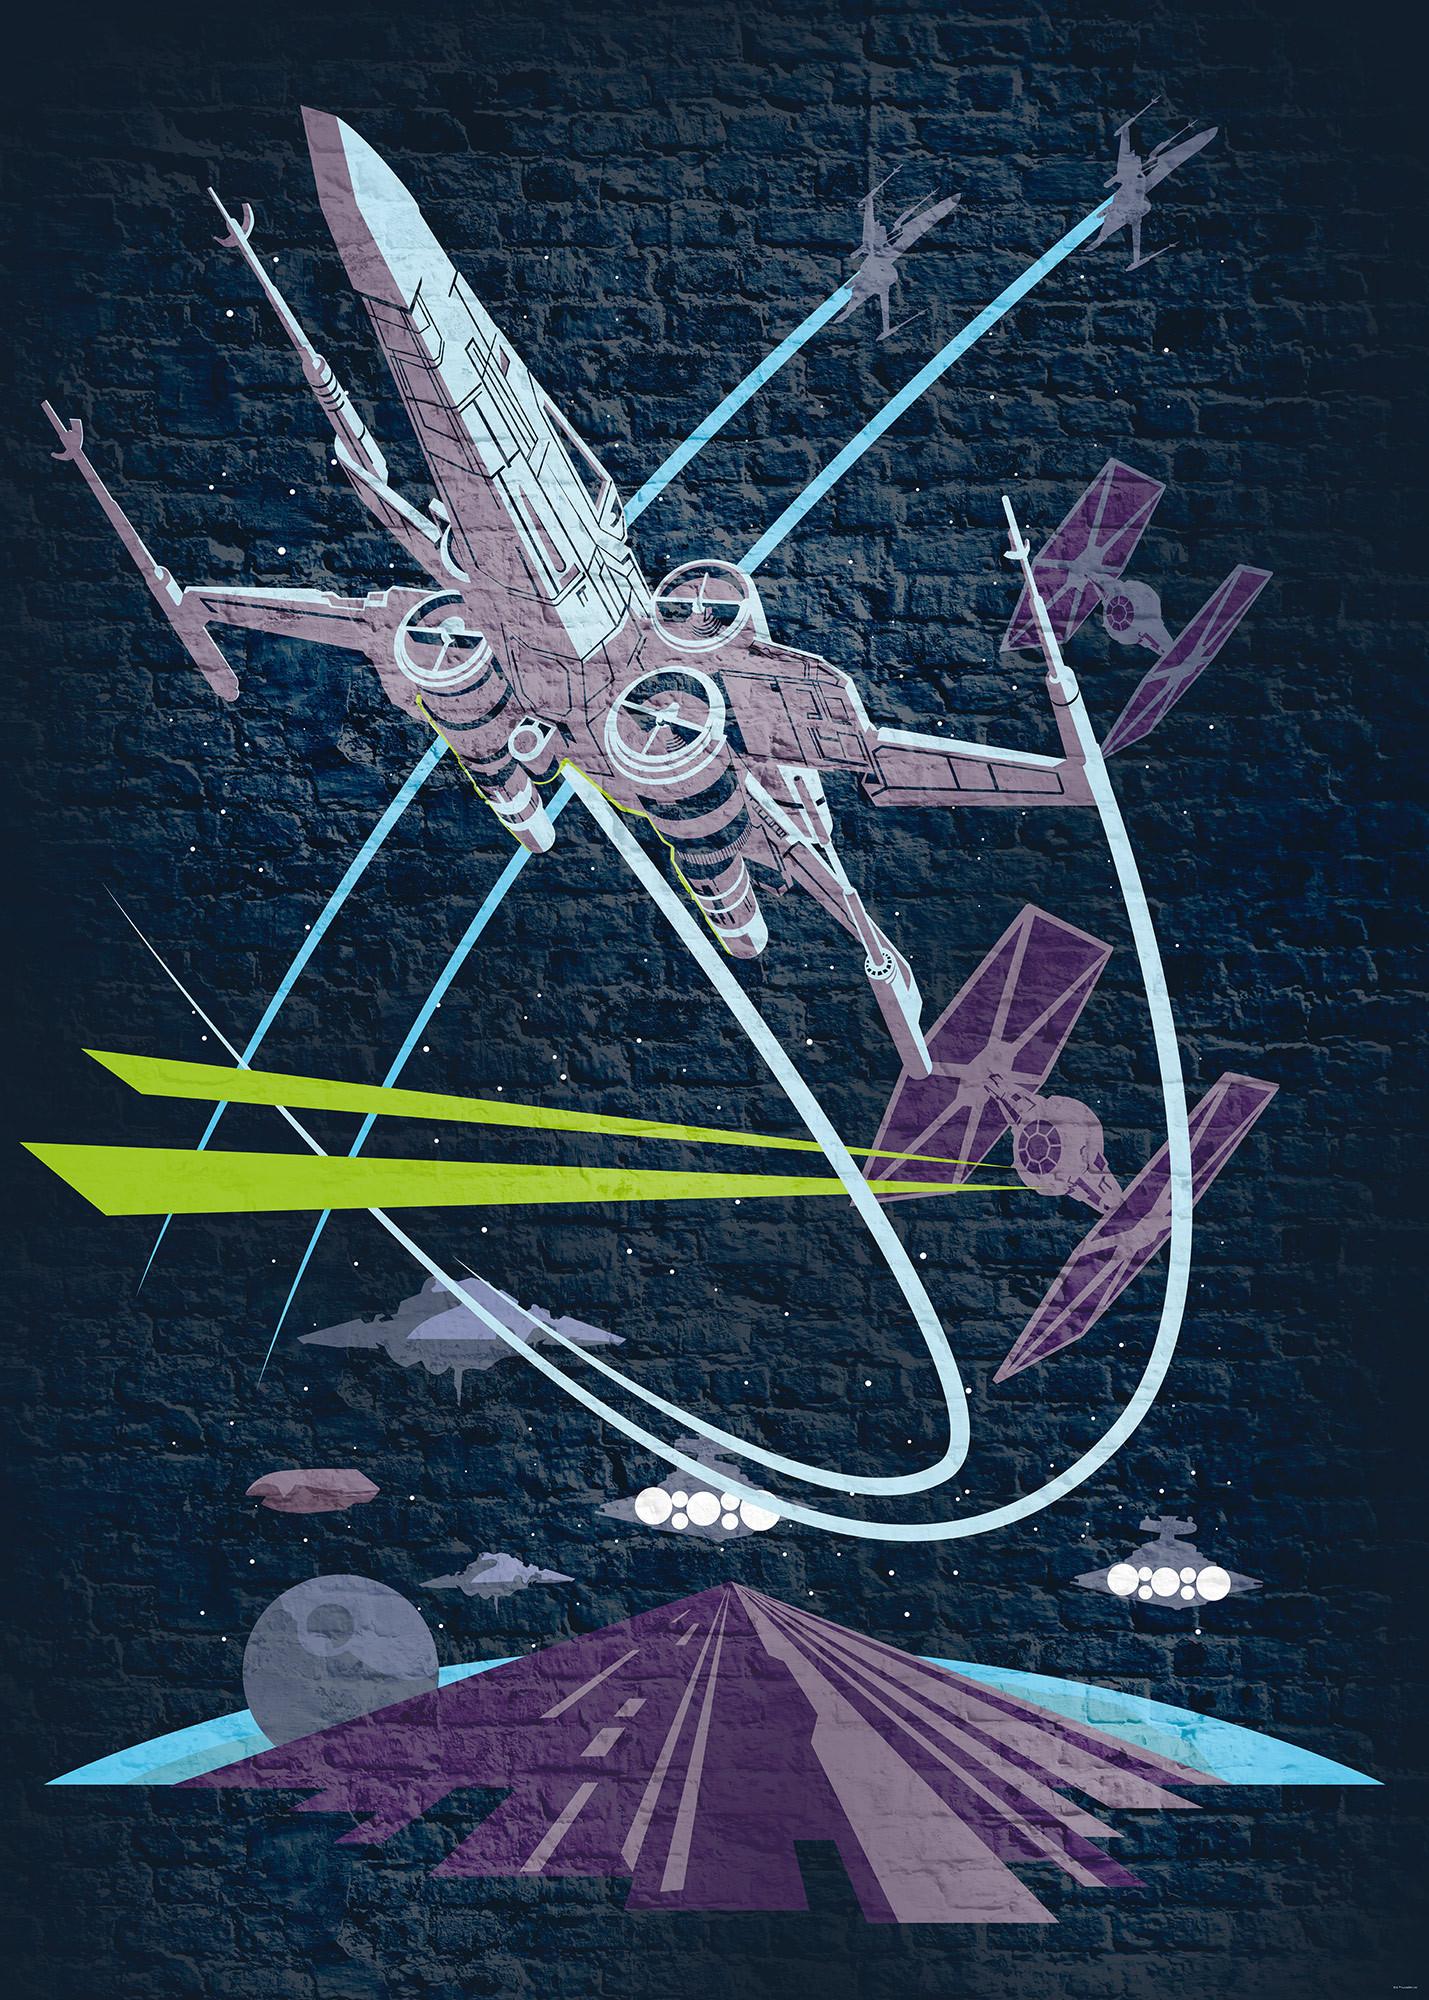 Vliestapete Star Wars Classic Concrete X Wing Dx4 039 Von